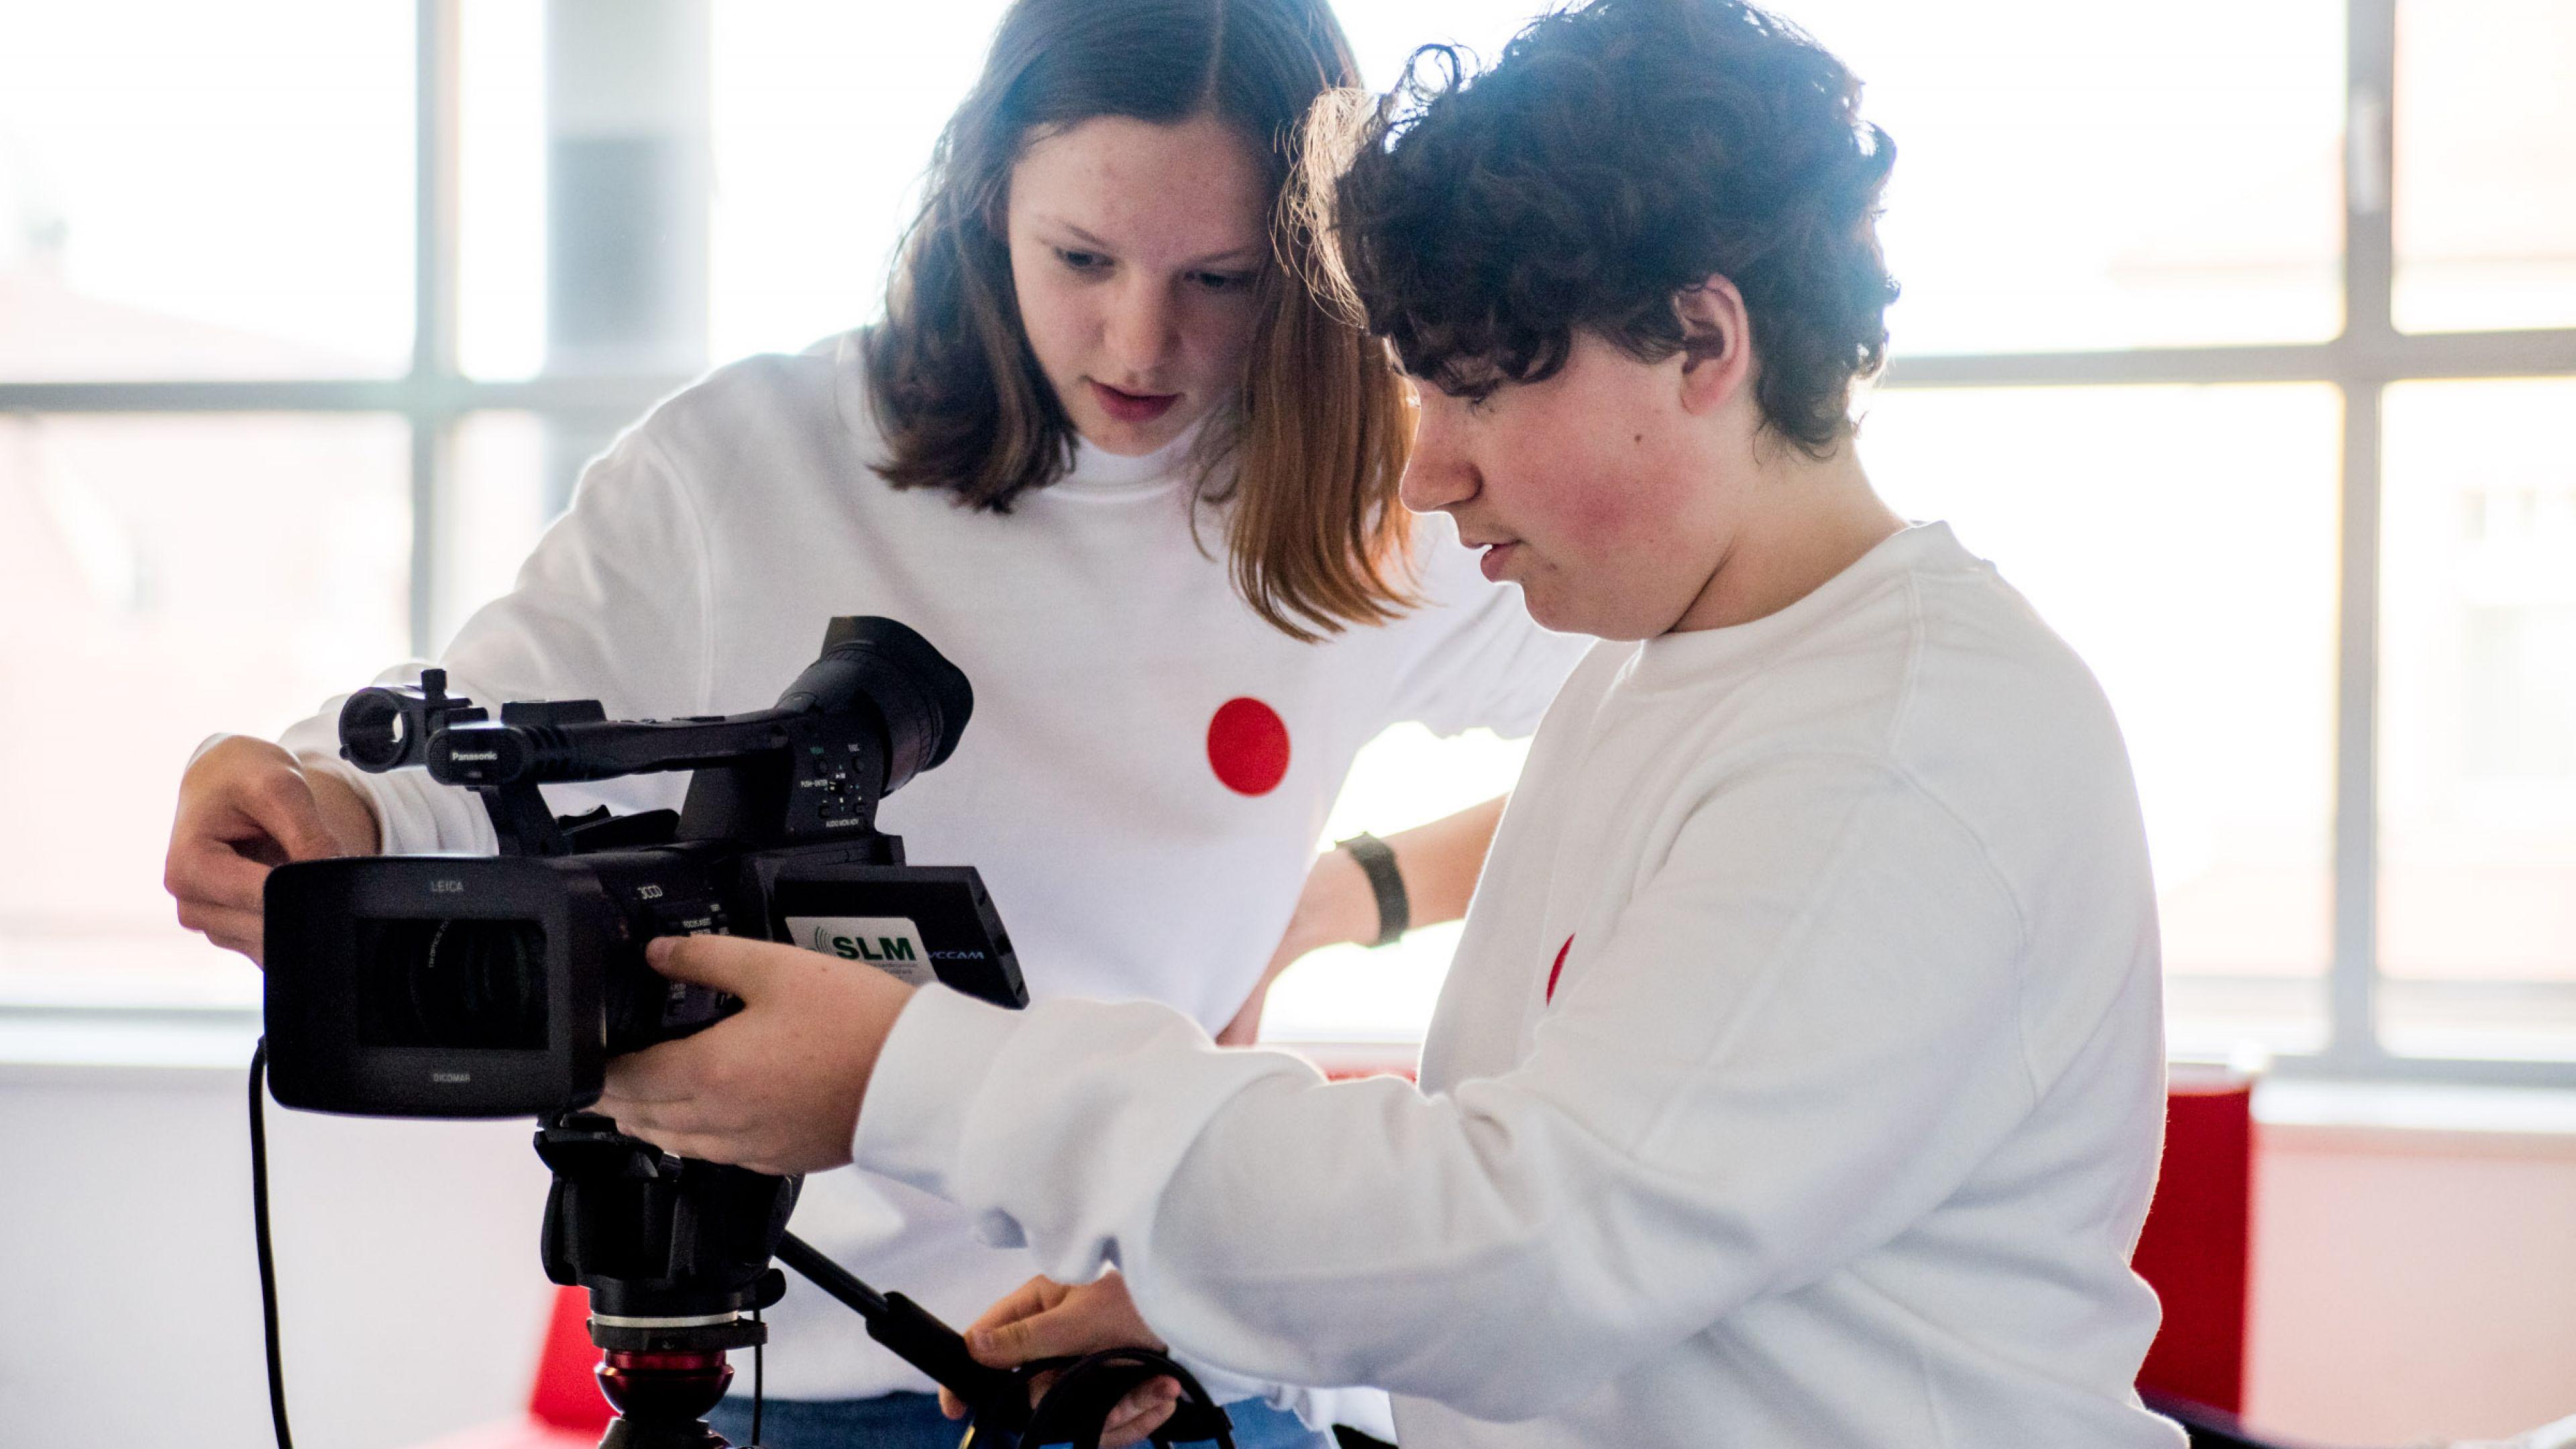 Zwei Jugendliche in weißen DOK Pullovern hantieren mit einer professionellen Kamera.